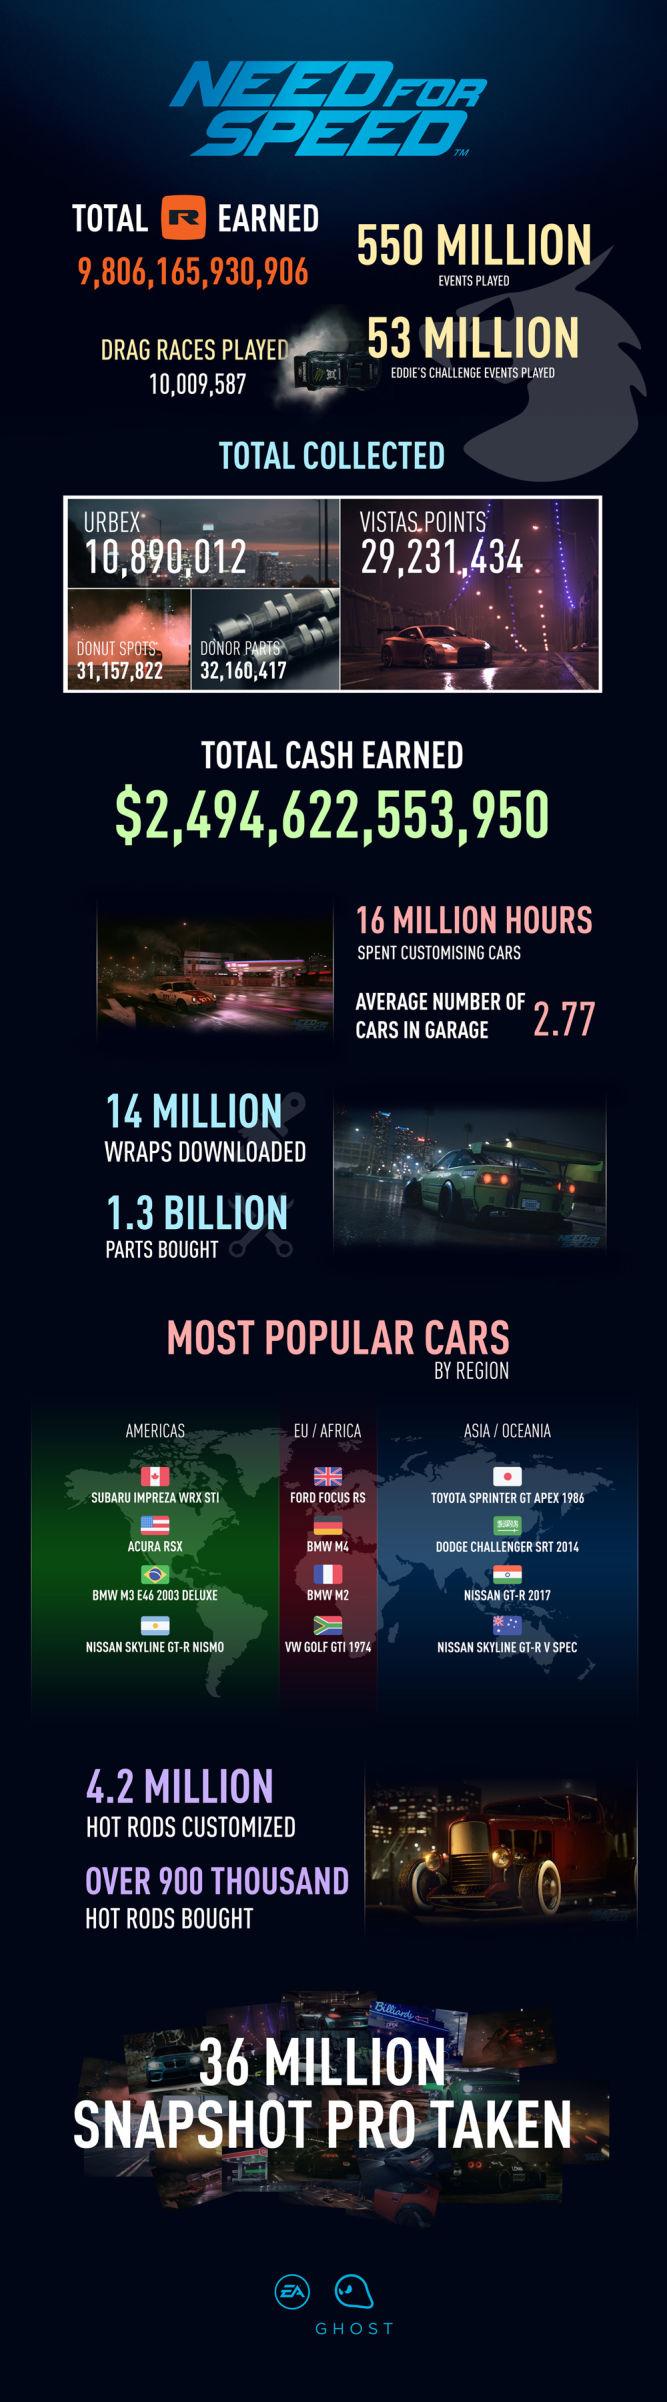 Nowy Need for Speed potwierdzony na przyszły rok - obrazek 2